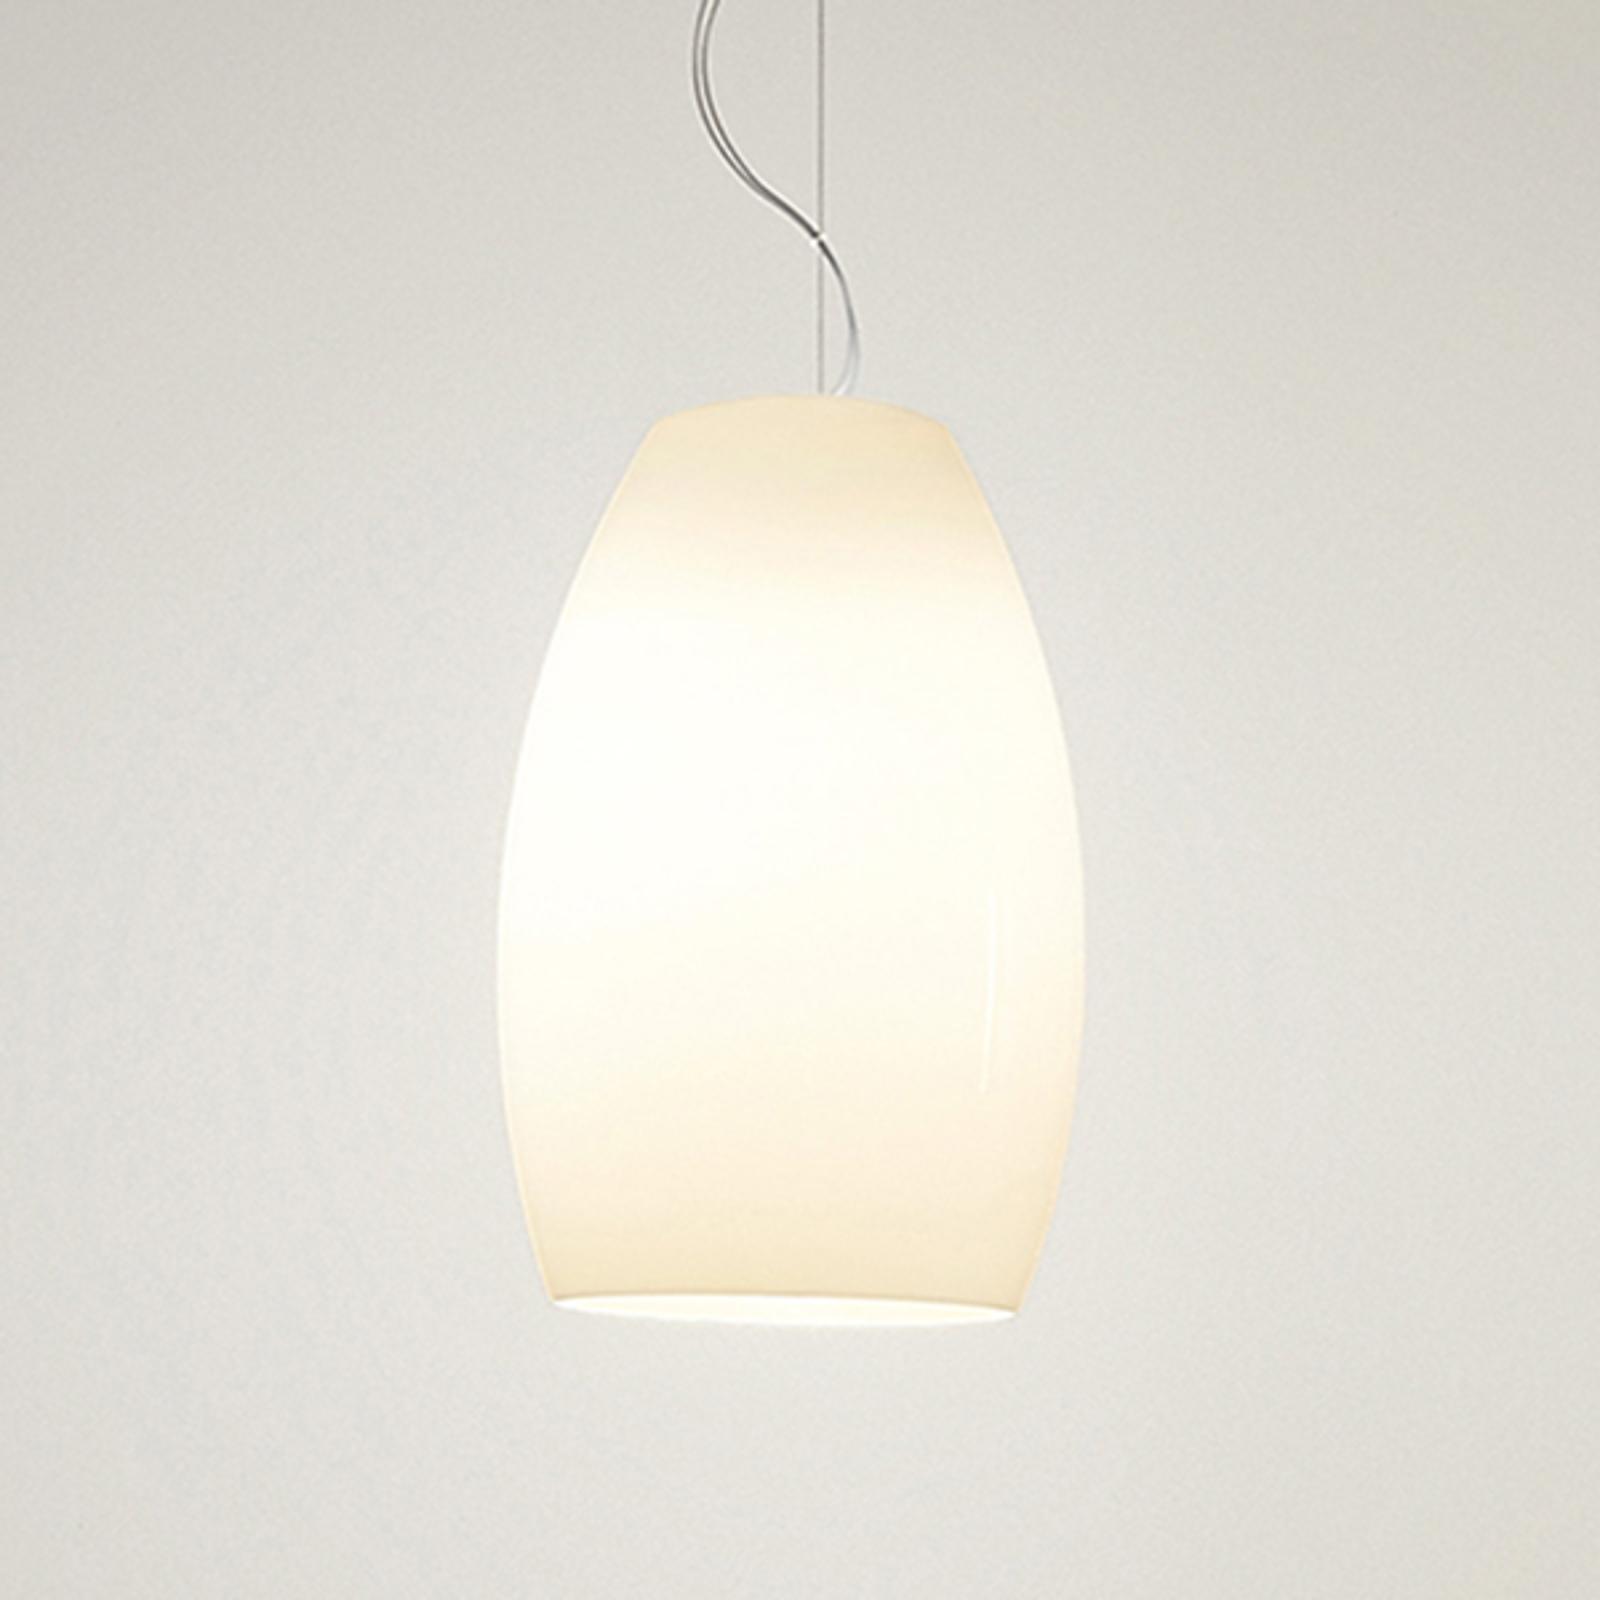 Foscarini MyLight Buds 1 lampa wisząca LED, biała